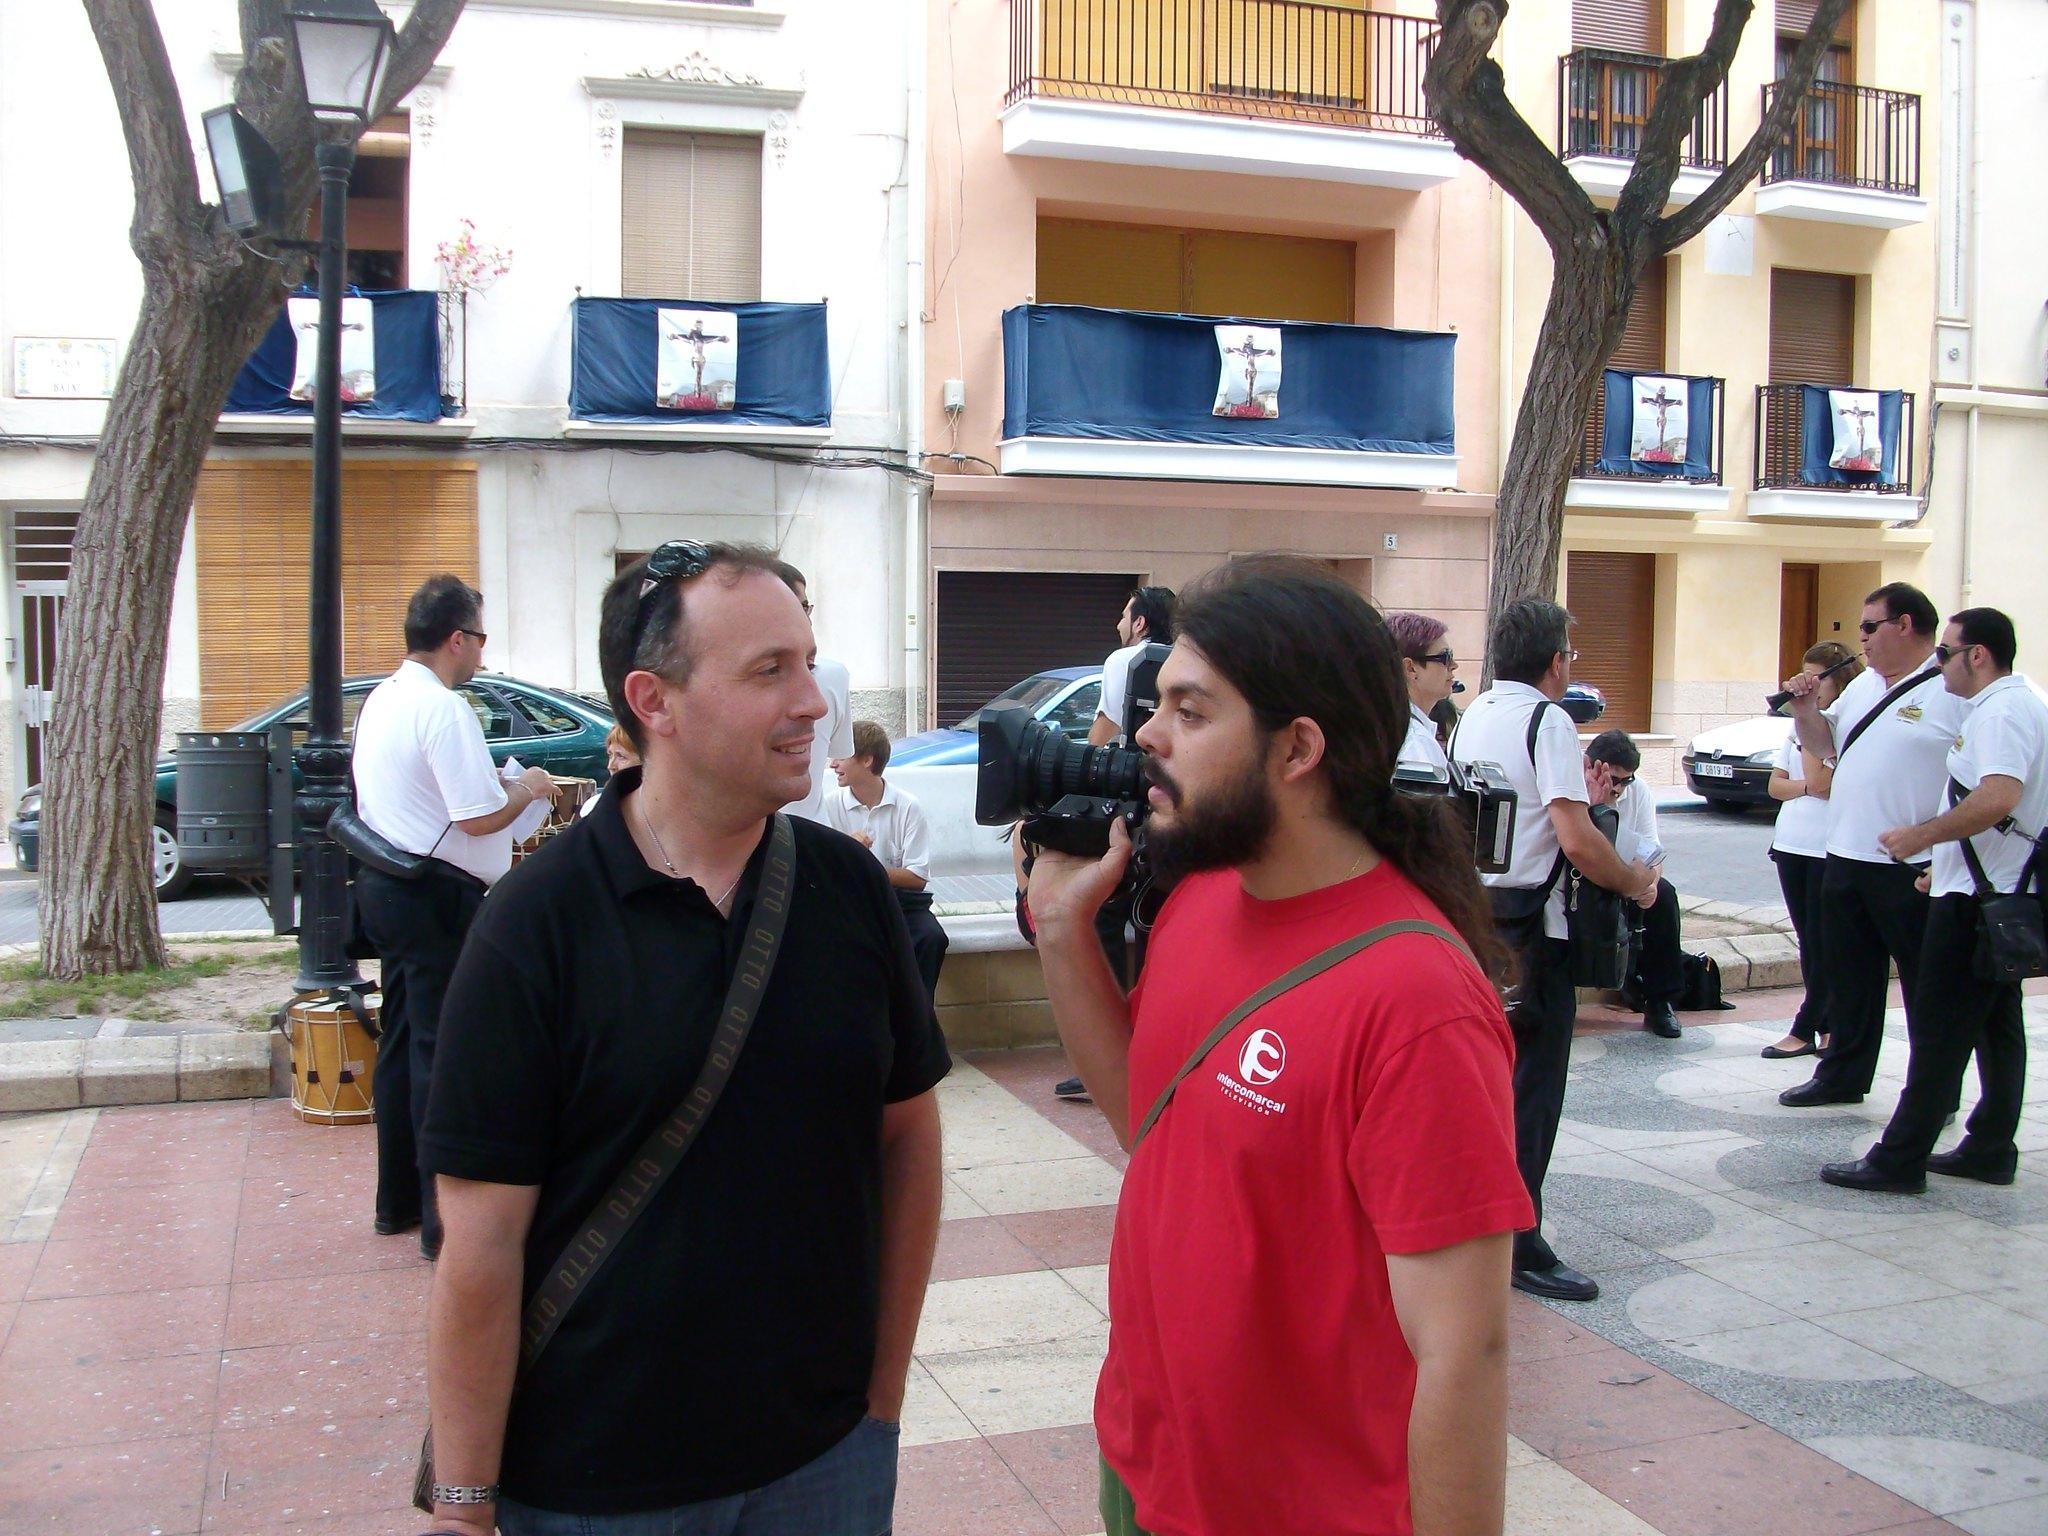 (2011-07-03) - Pasacalle Gent de Nanos -  José Vicente Romero Ripoll (02)